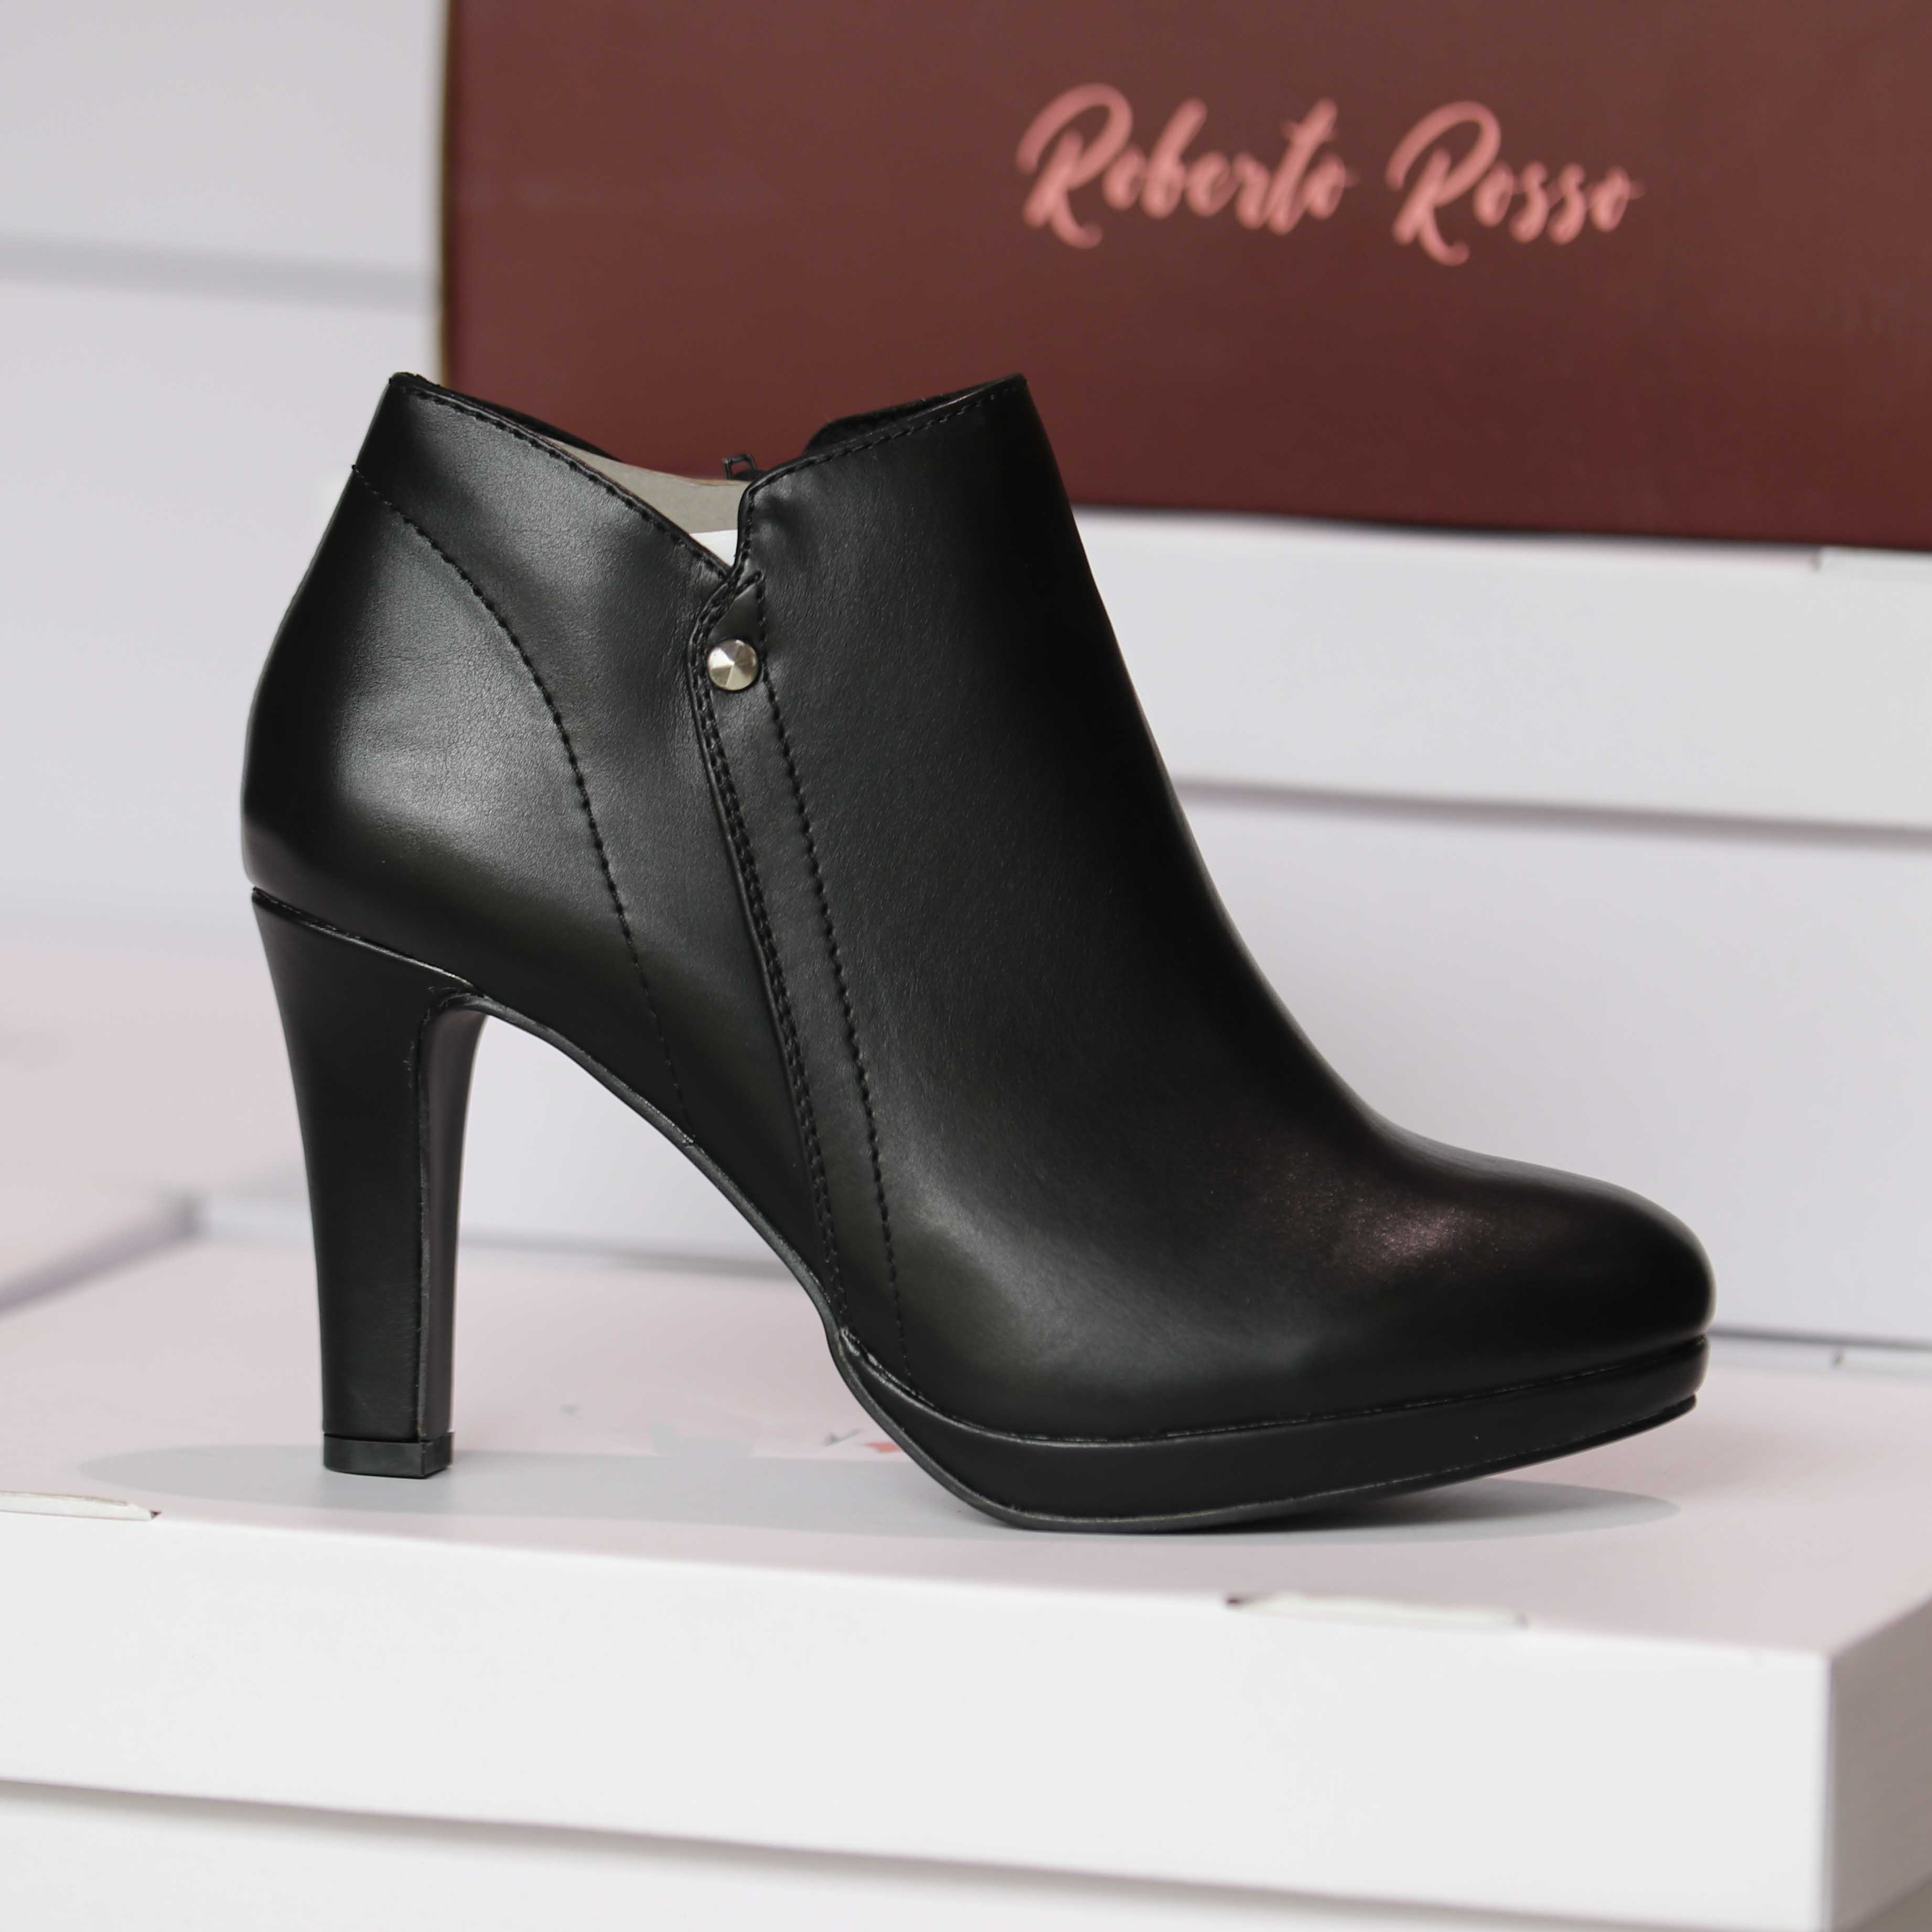 roberto rosso – atleti skolette sort dame høst sko1